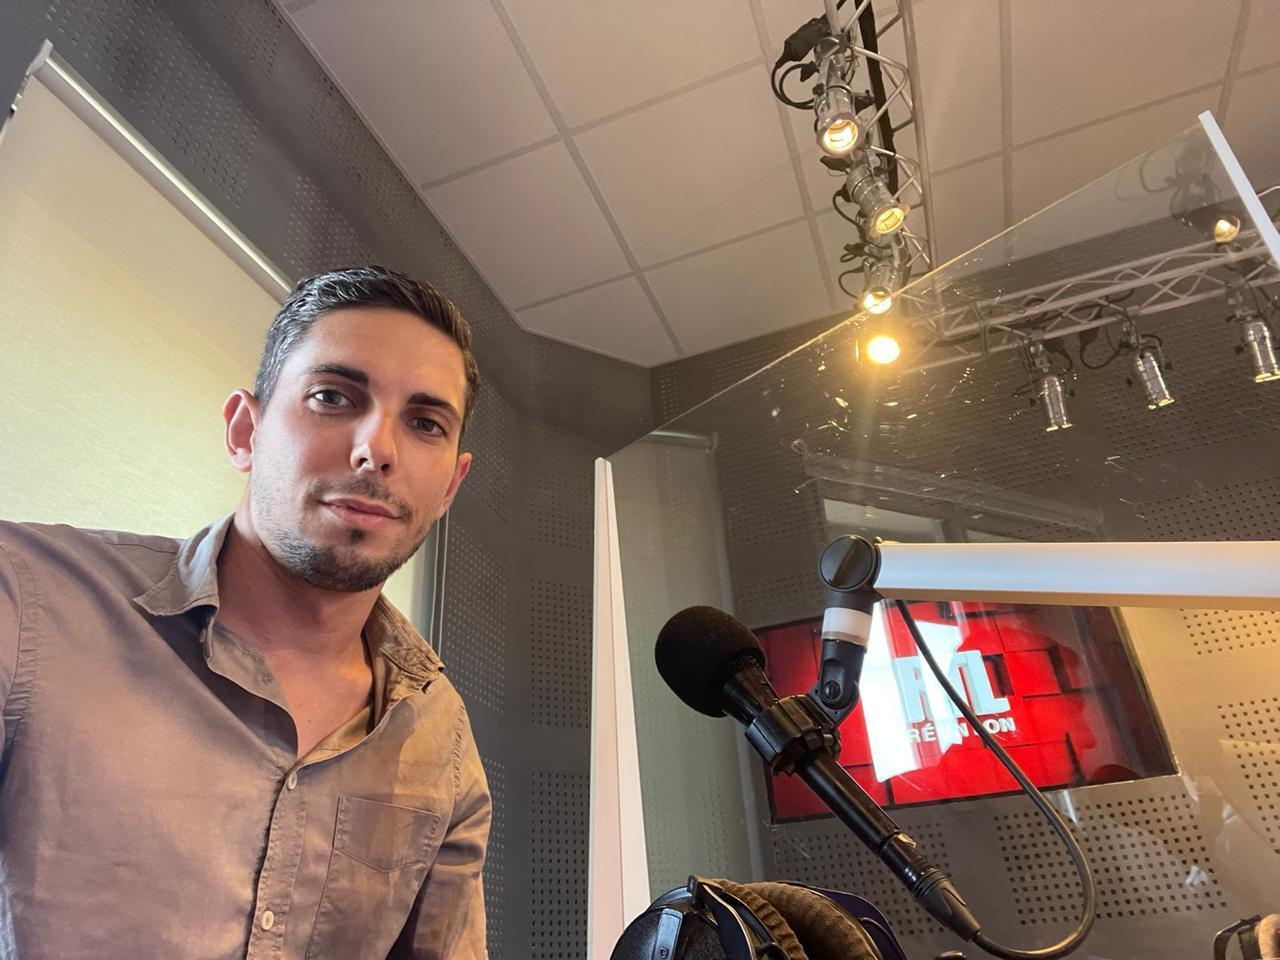 Retrouvez Keylodge, agence de location saisonnière sur RTL